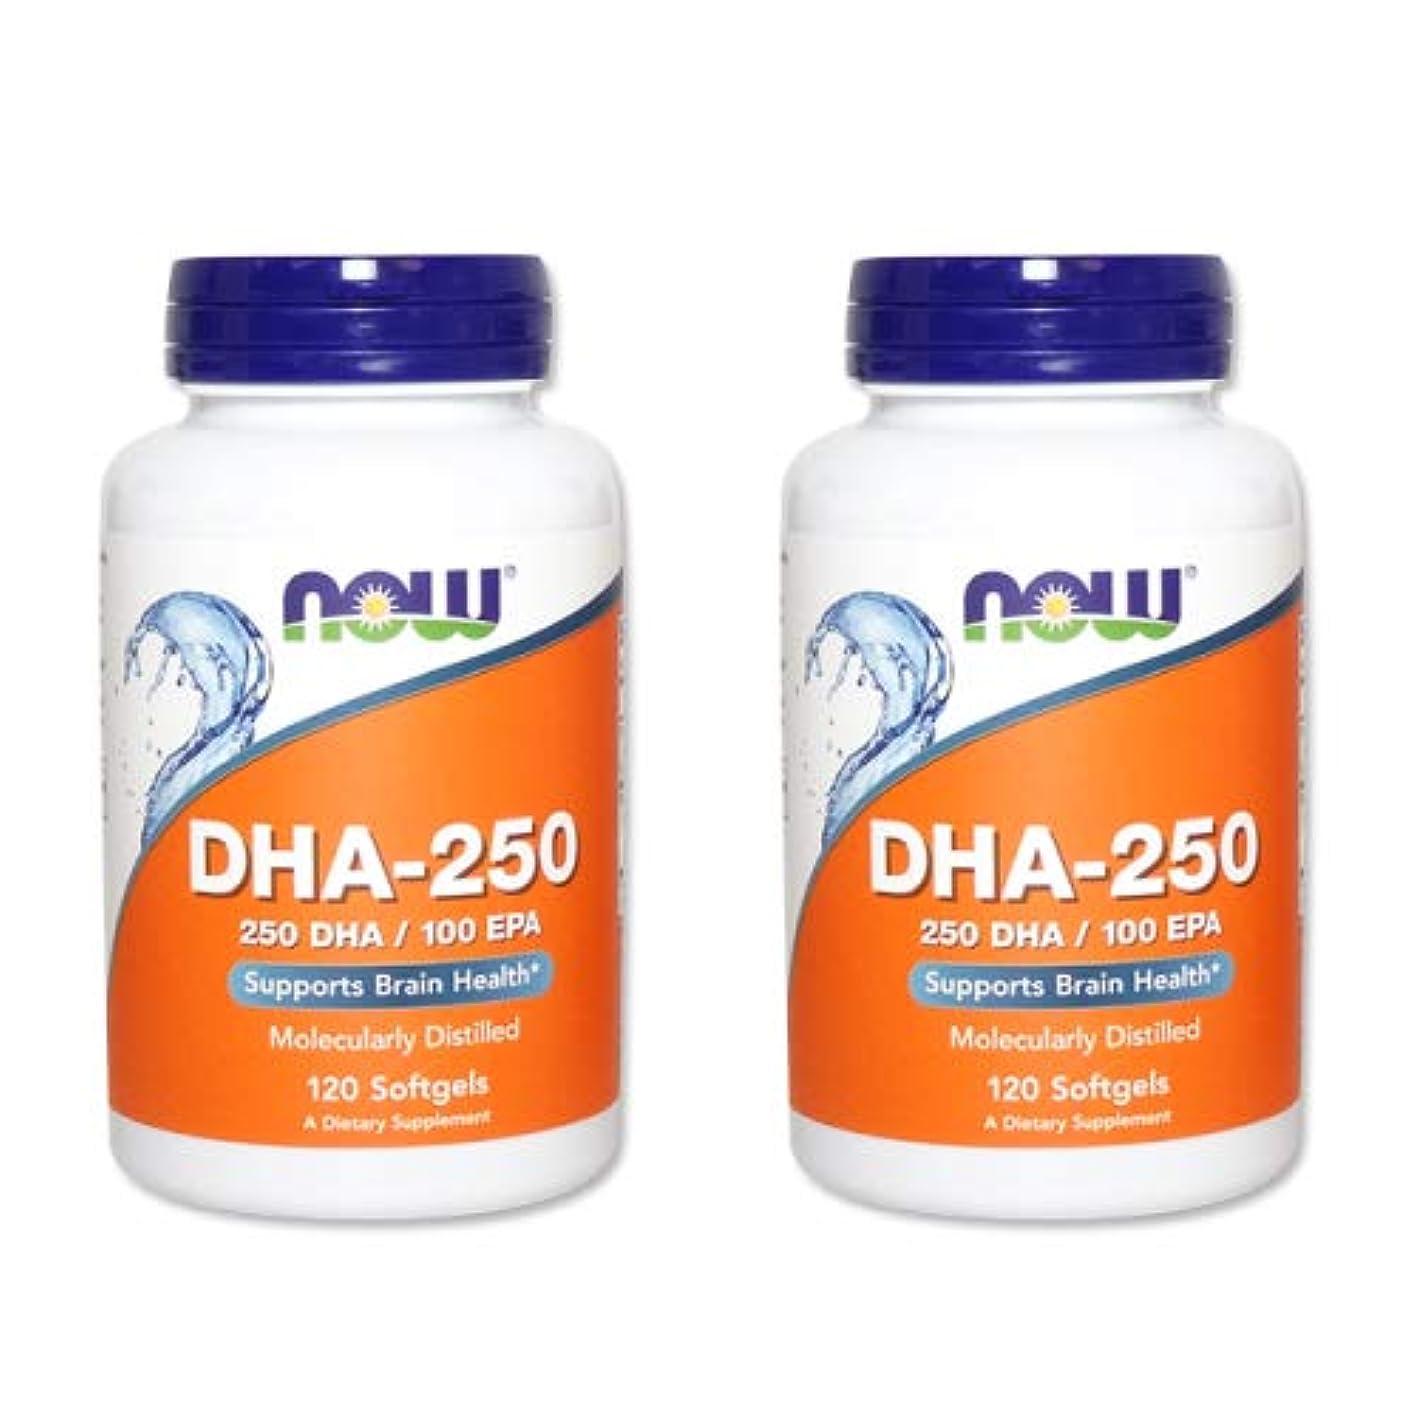 神の国ビタミン【2個セット】【粒小さめ低含有タイプ】DHA-250 120粒(DHA&EPA配合) [海外直送品]